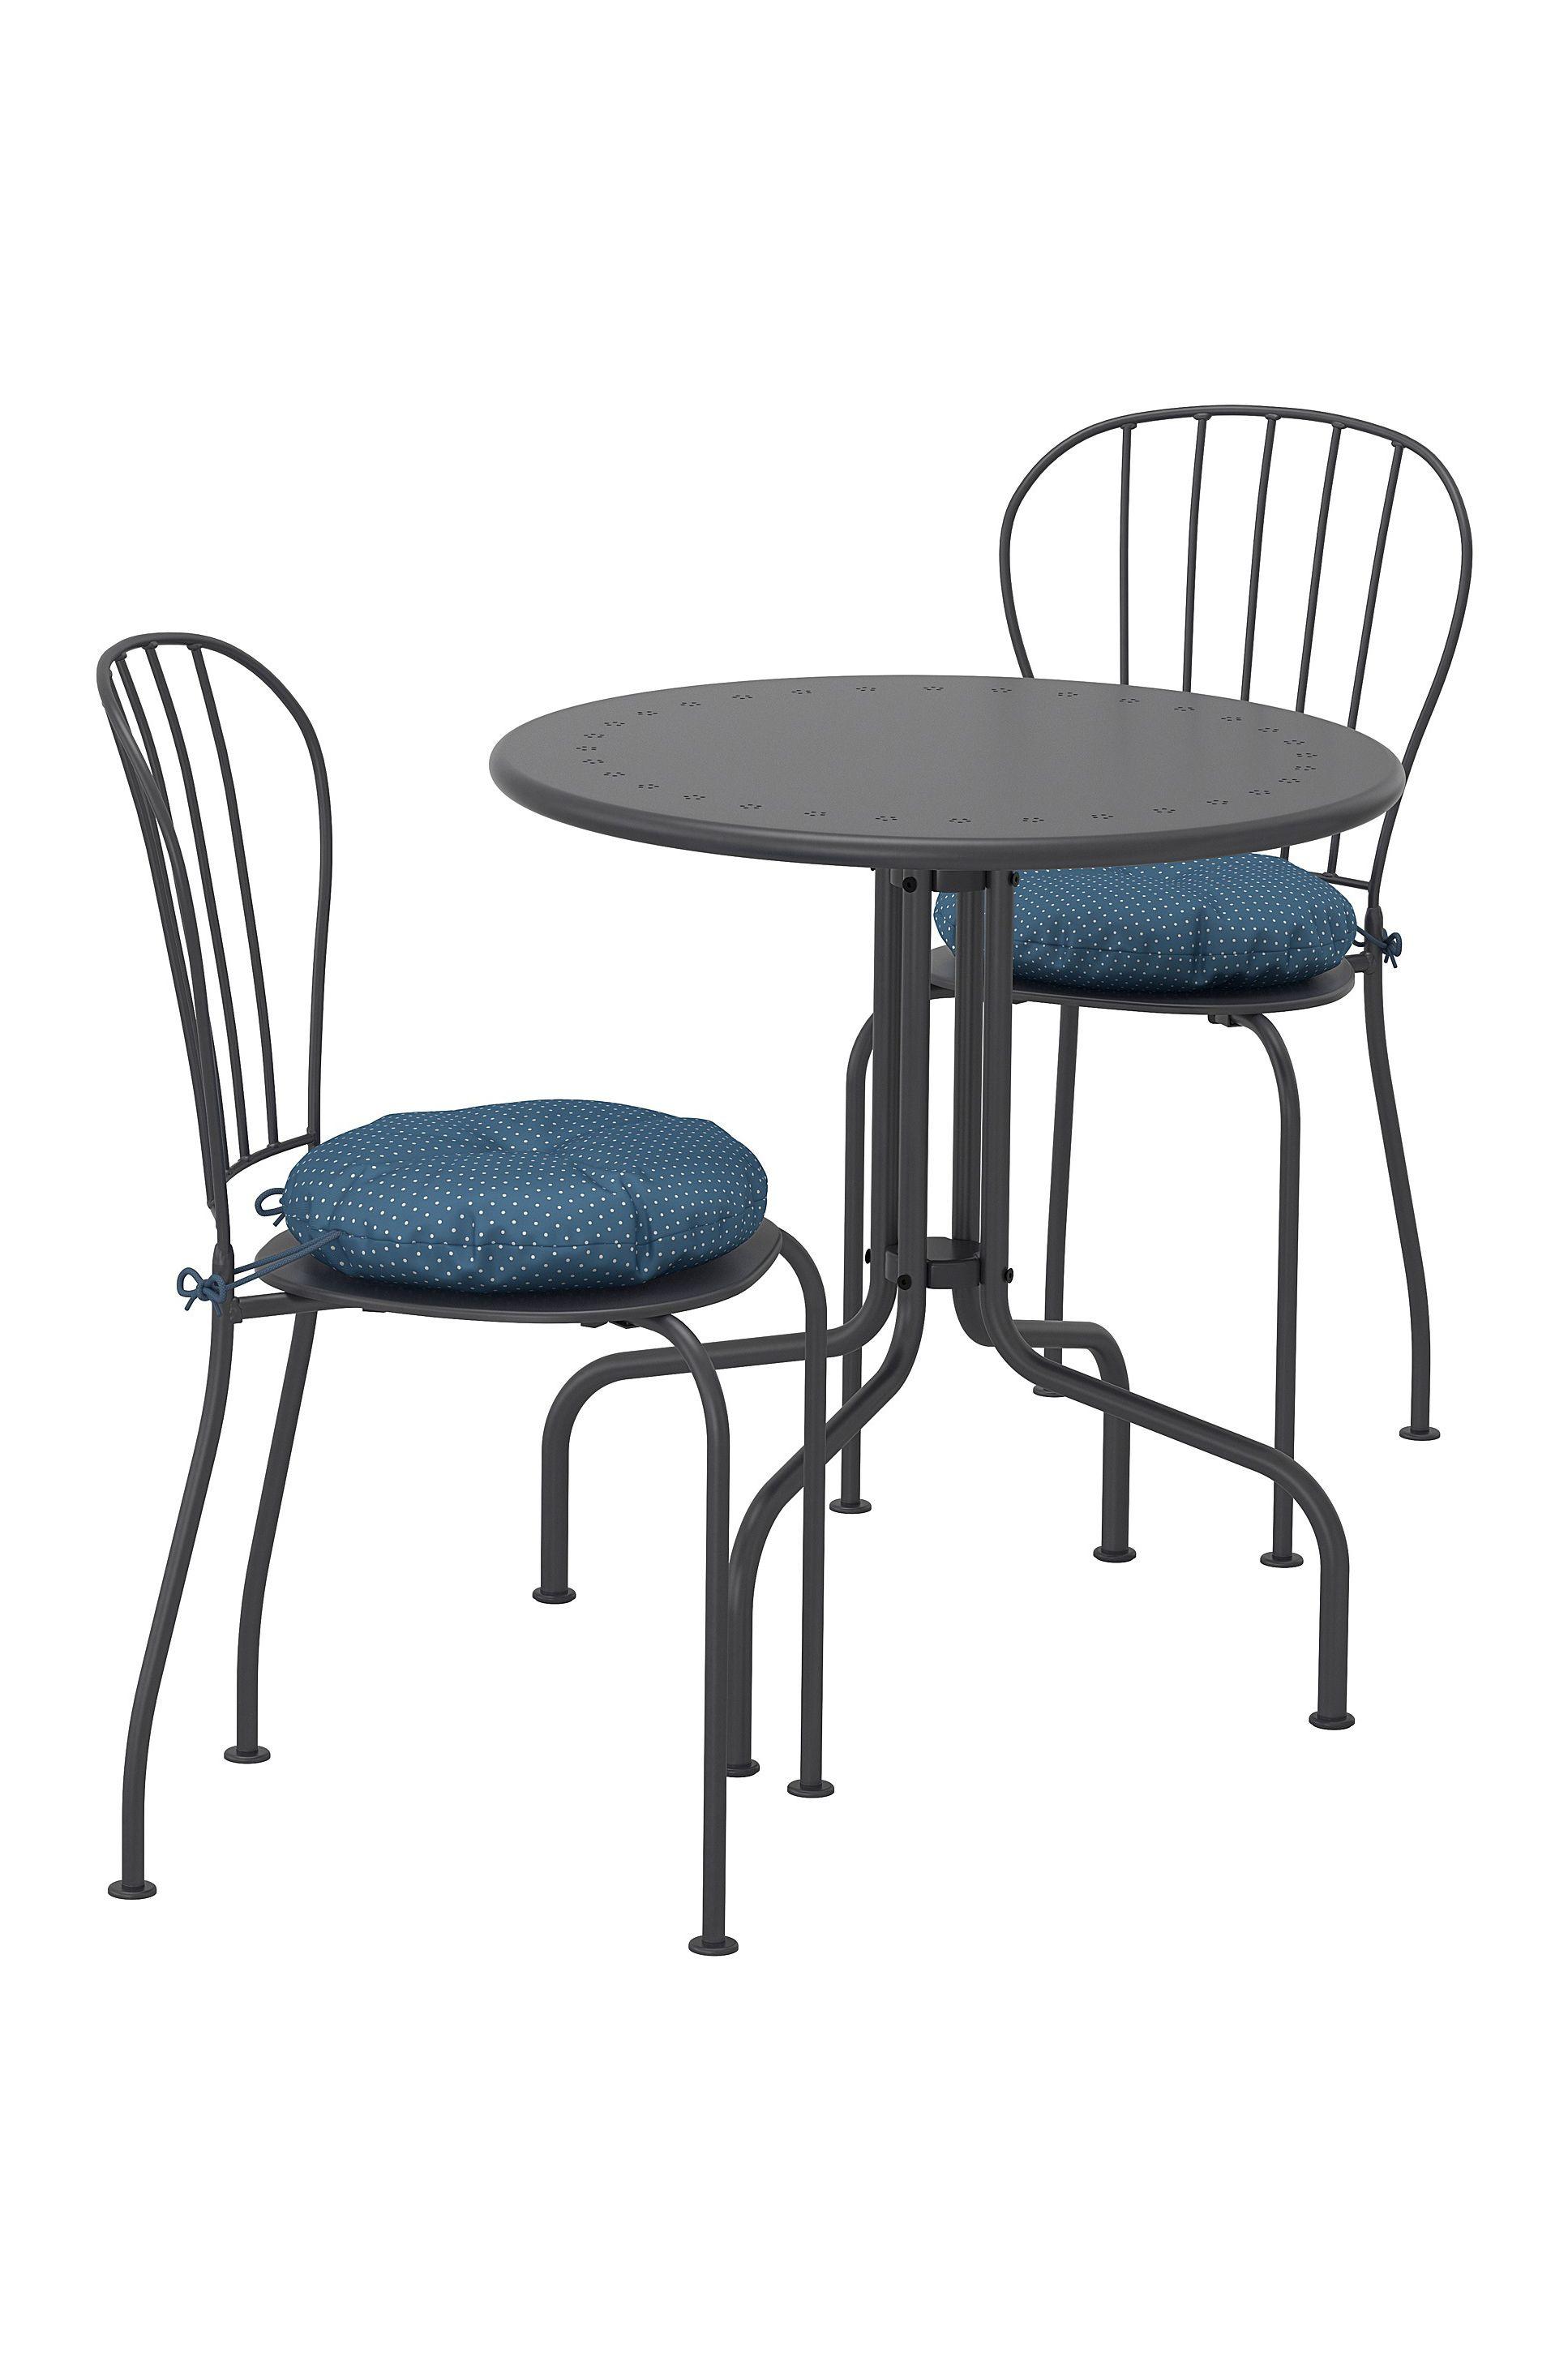 Lacko Tisch 2 Stuhle Aussen Grau Ikea Deutschland